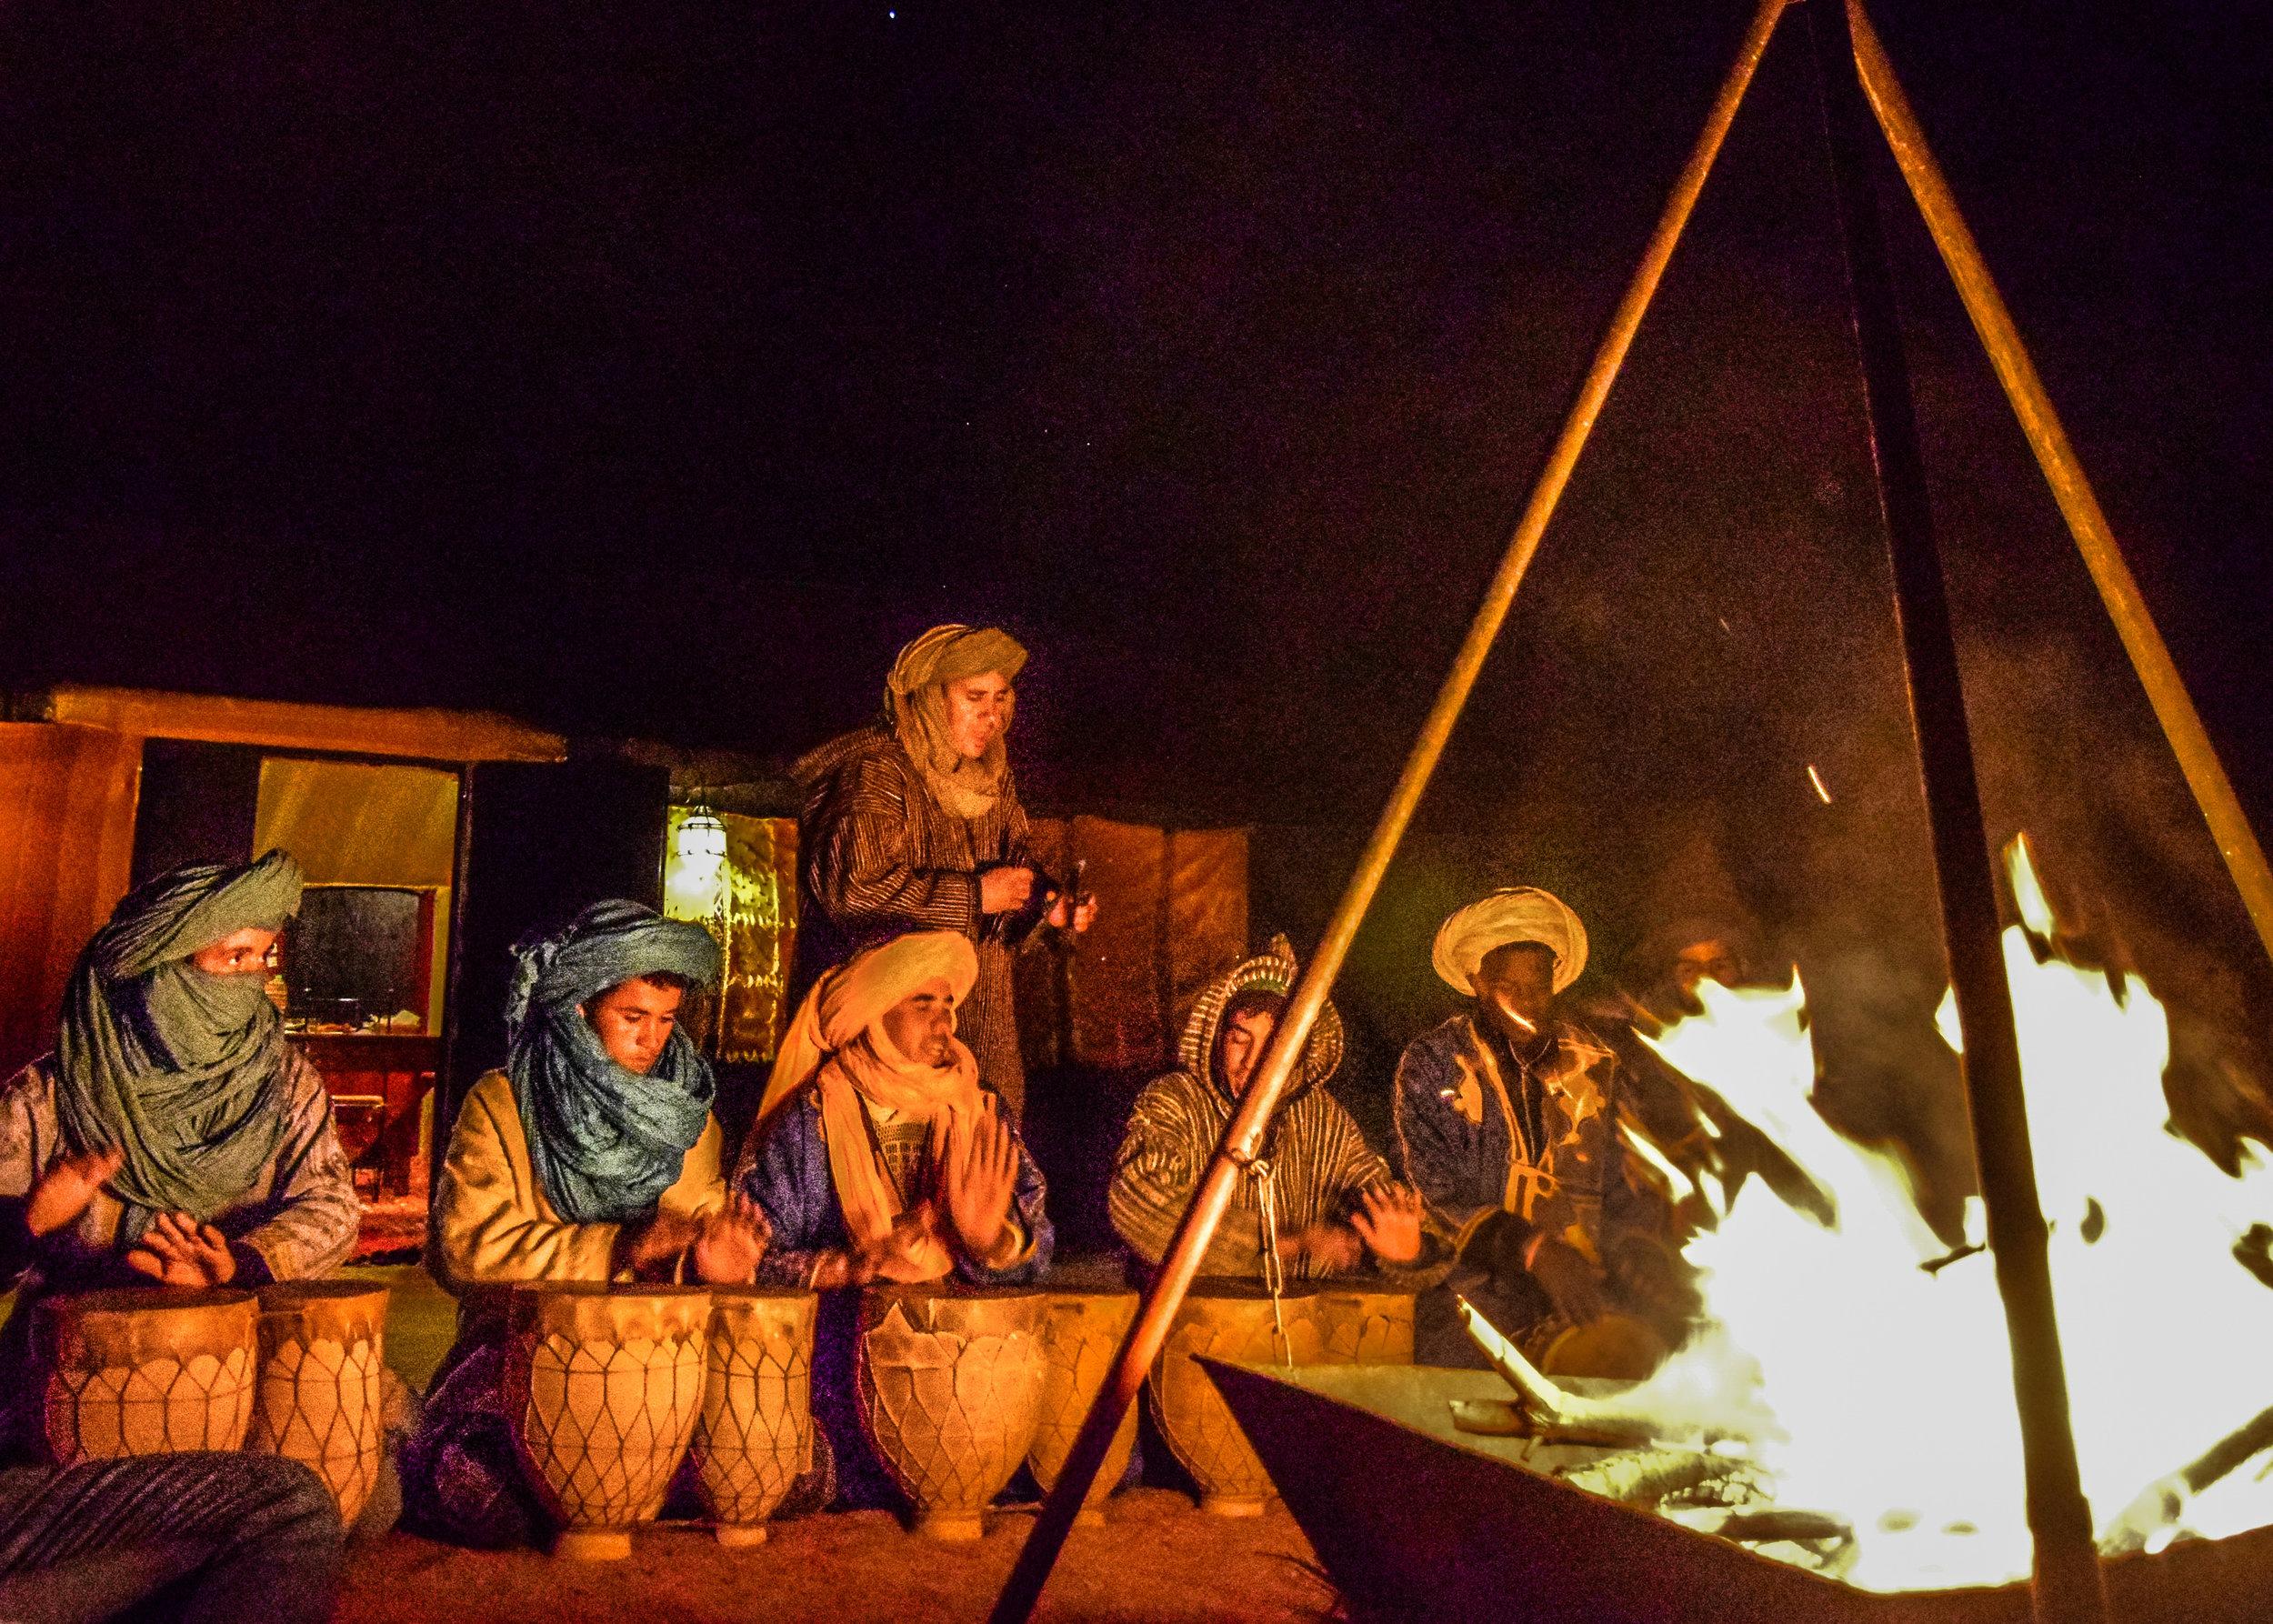 Sahara_Campfire.jpg